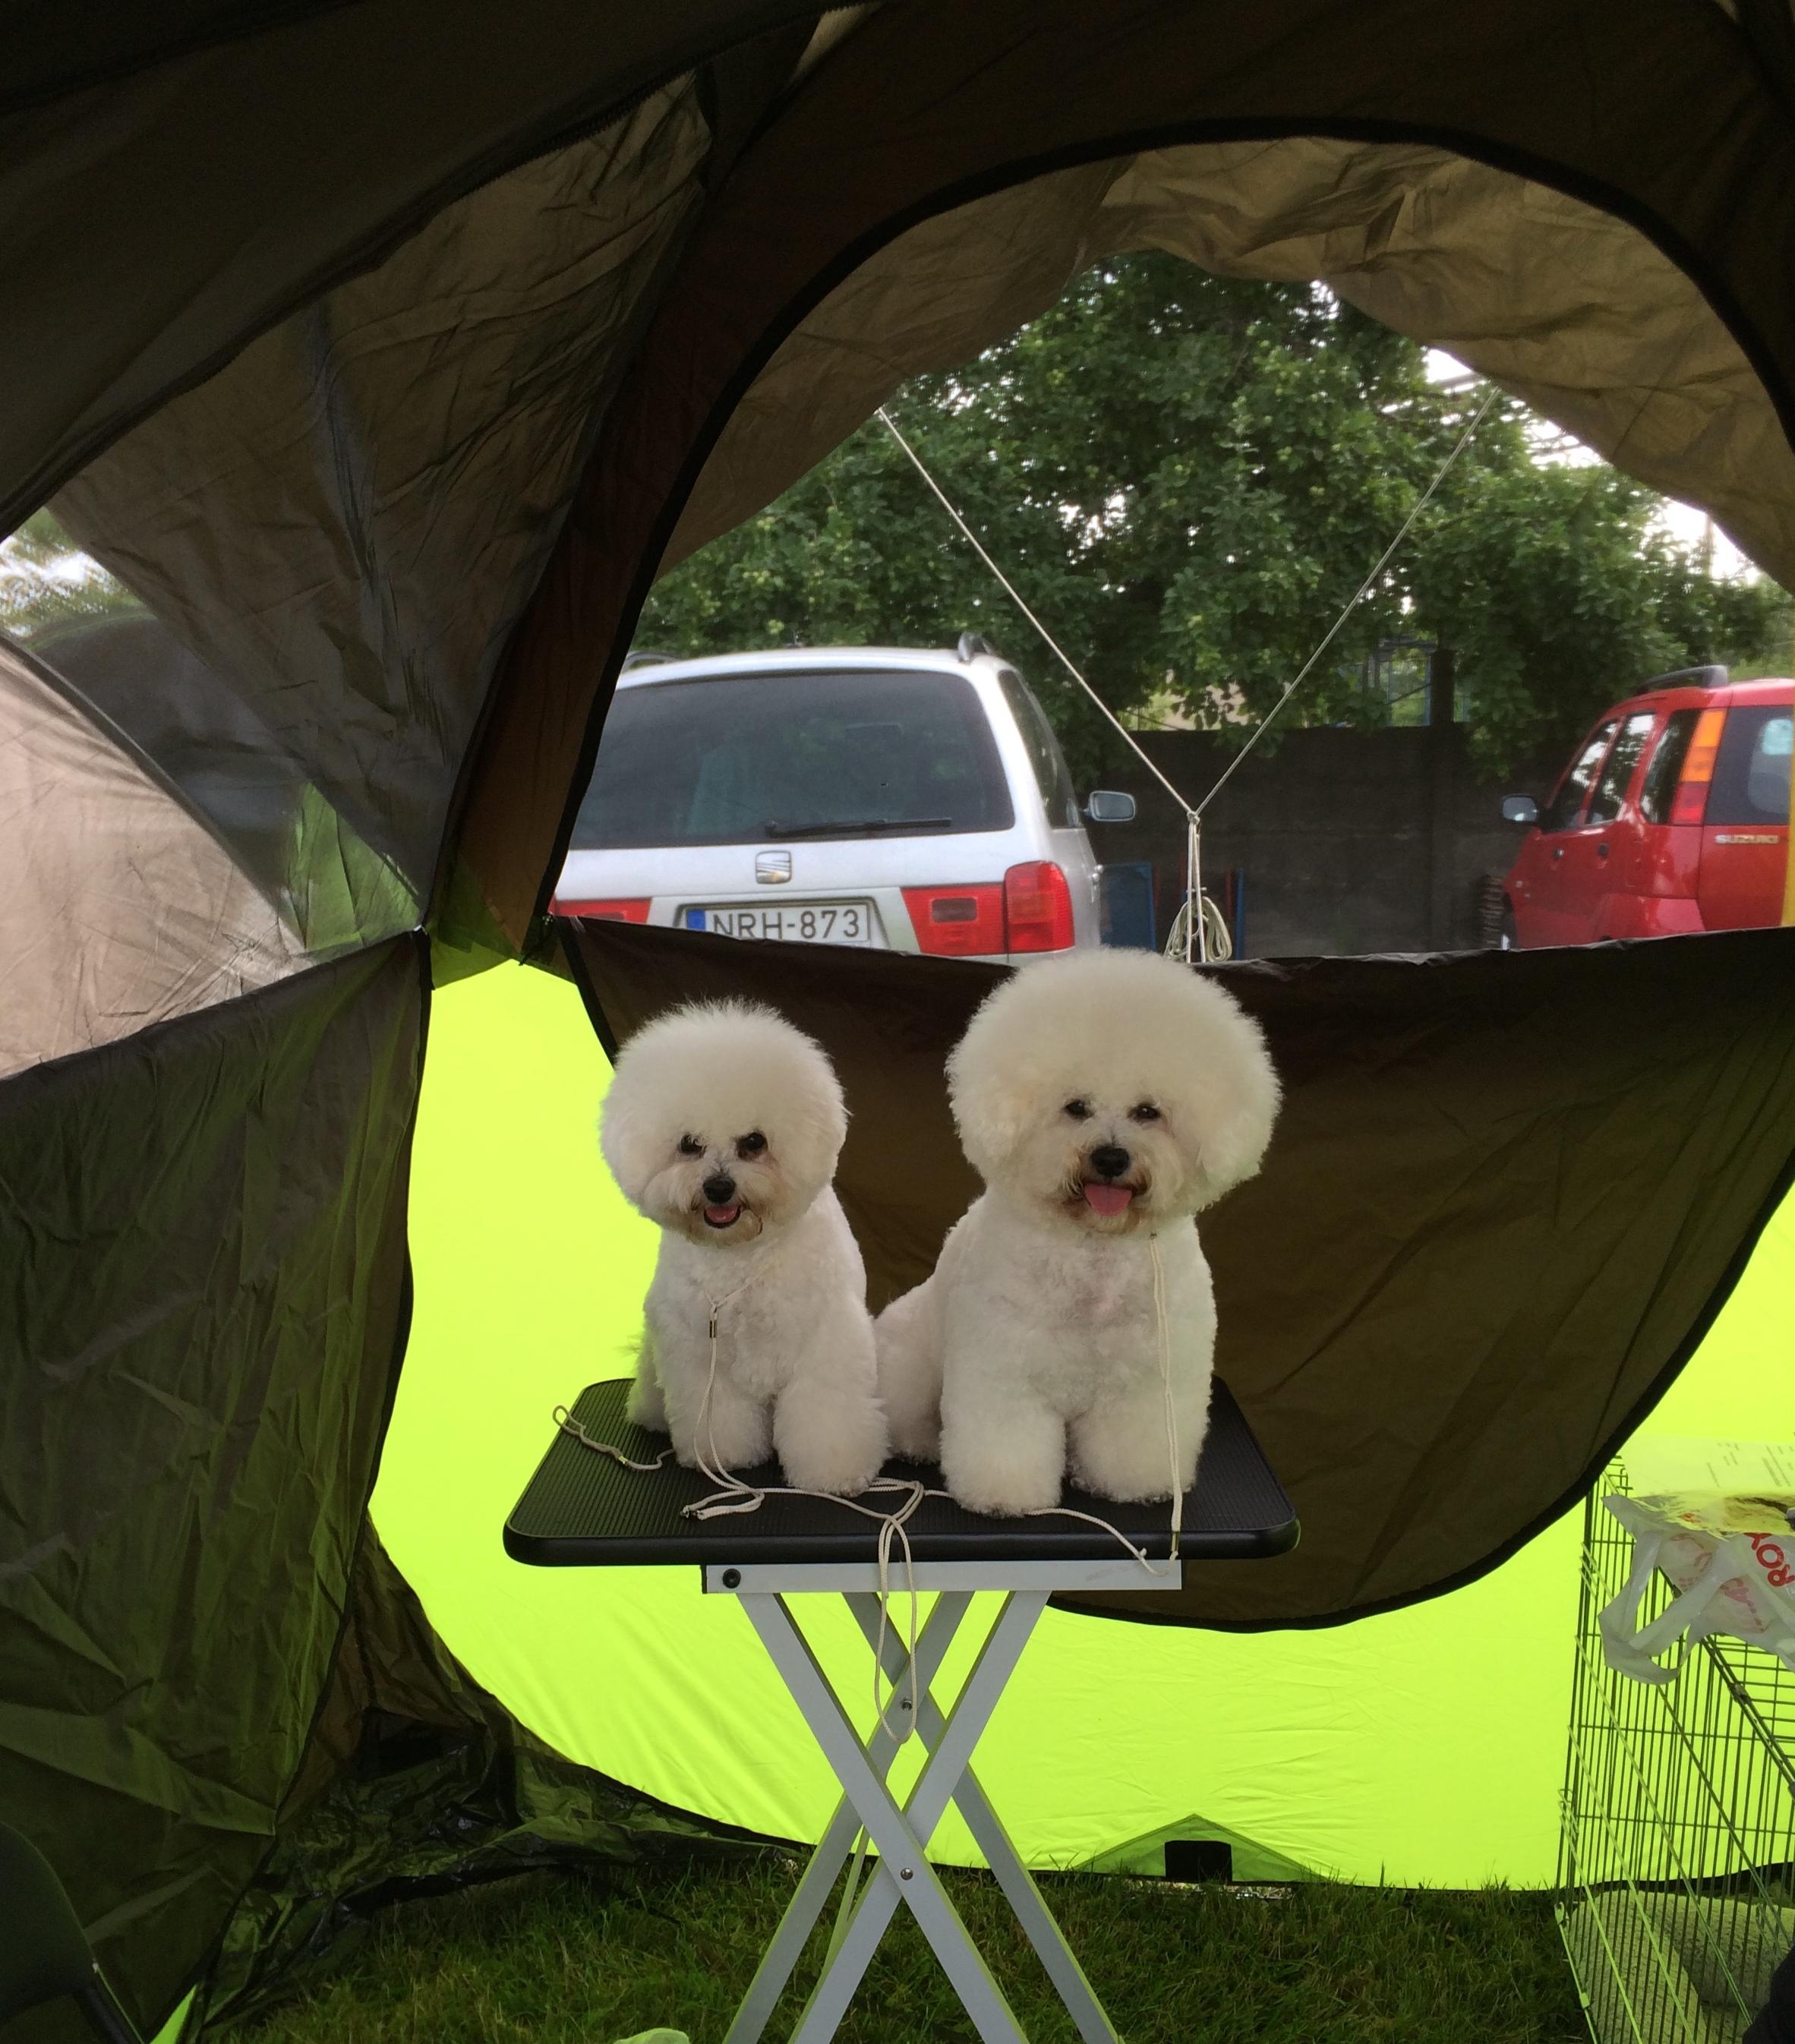 Kiállítás, avagy felavattuk a sátrat